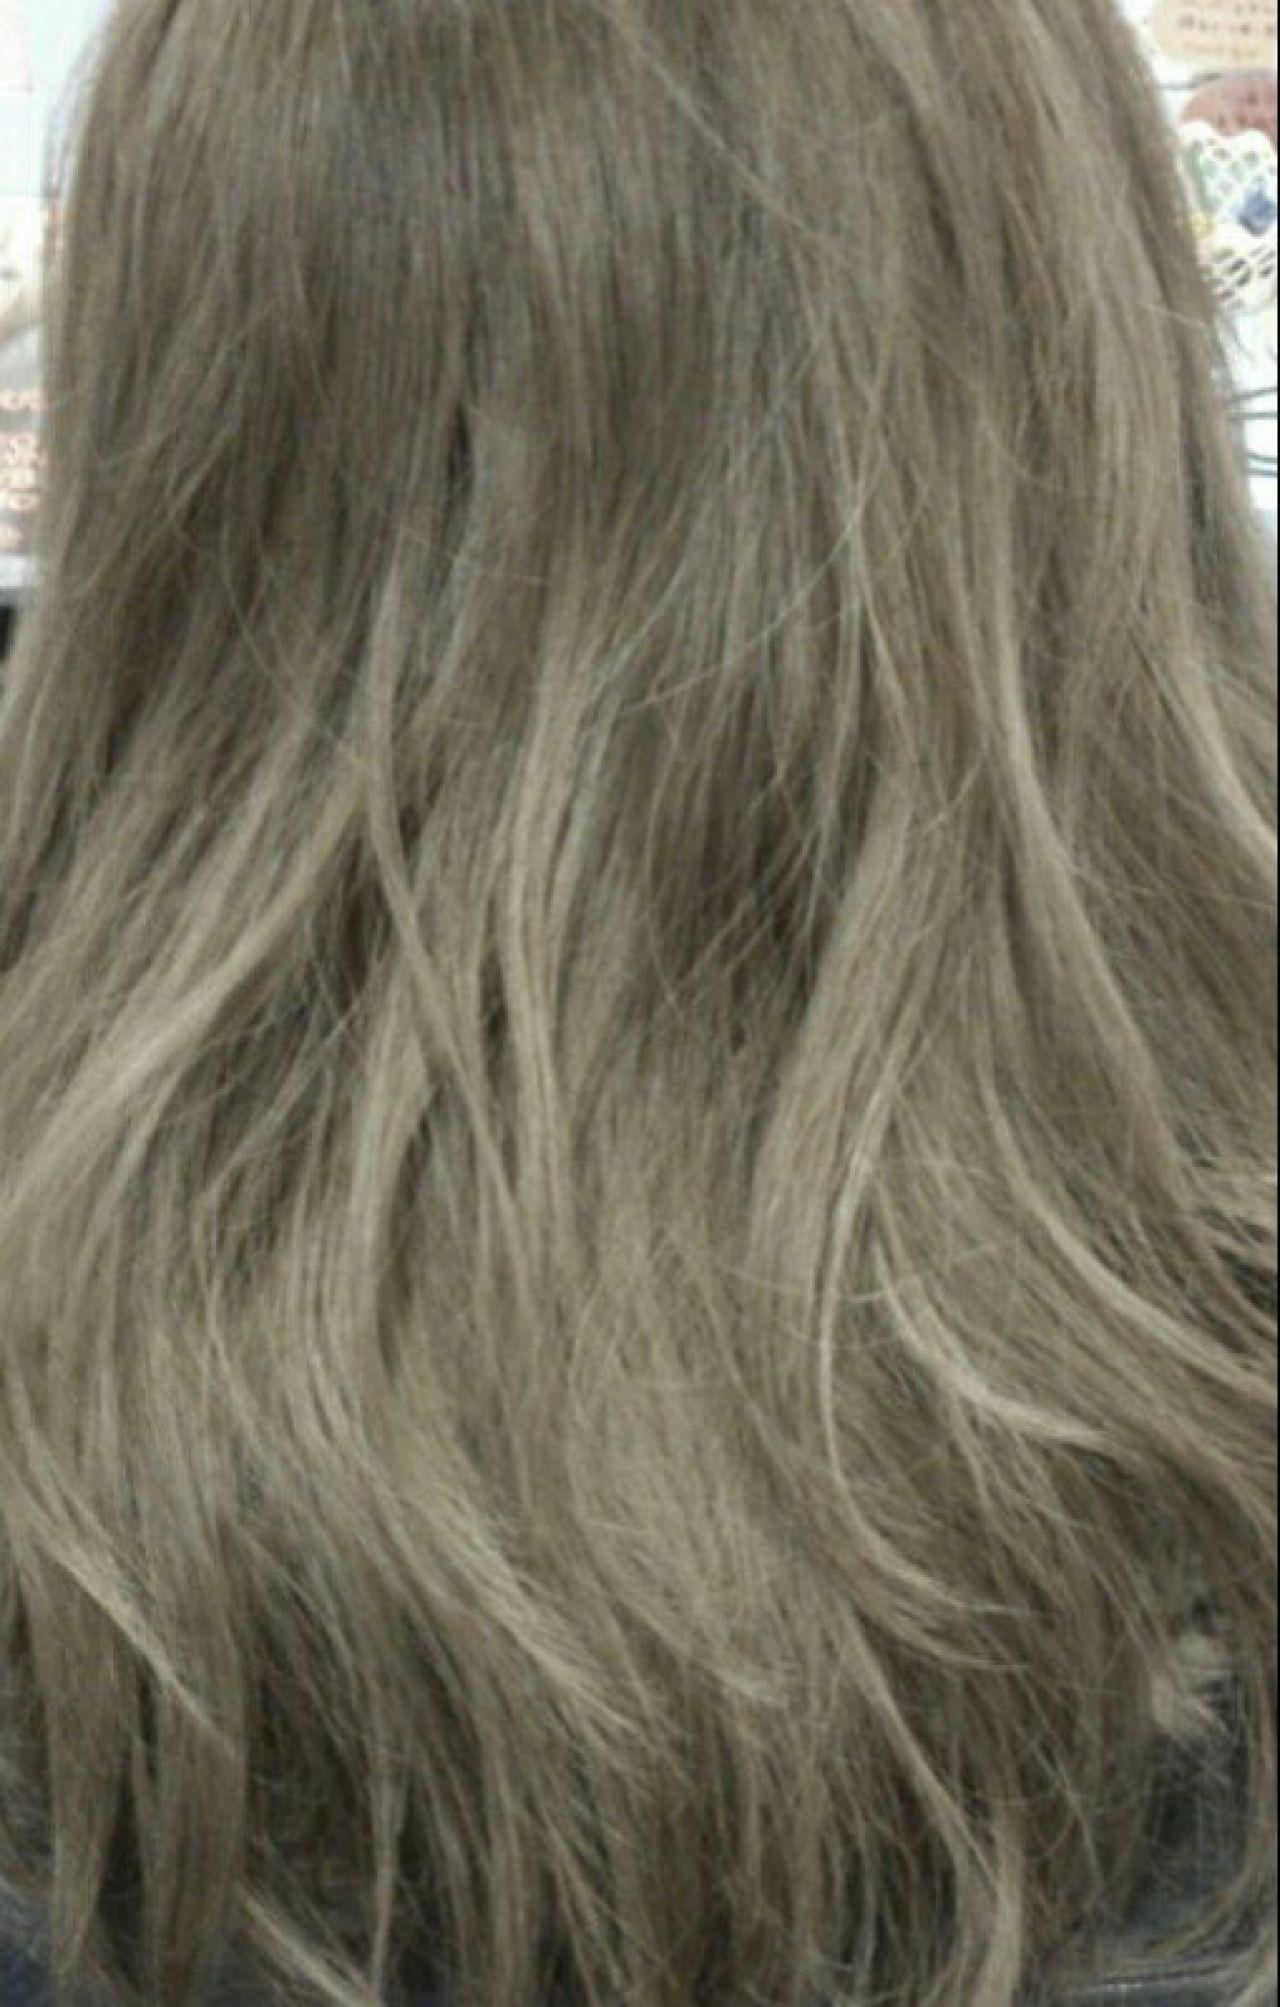 暗髪 グラデーションカラー ウェーブ 外国人風 ヘアスタイルや髪型の写真・画像 | Suguru Sakata / ROLLhairdesign